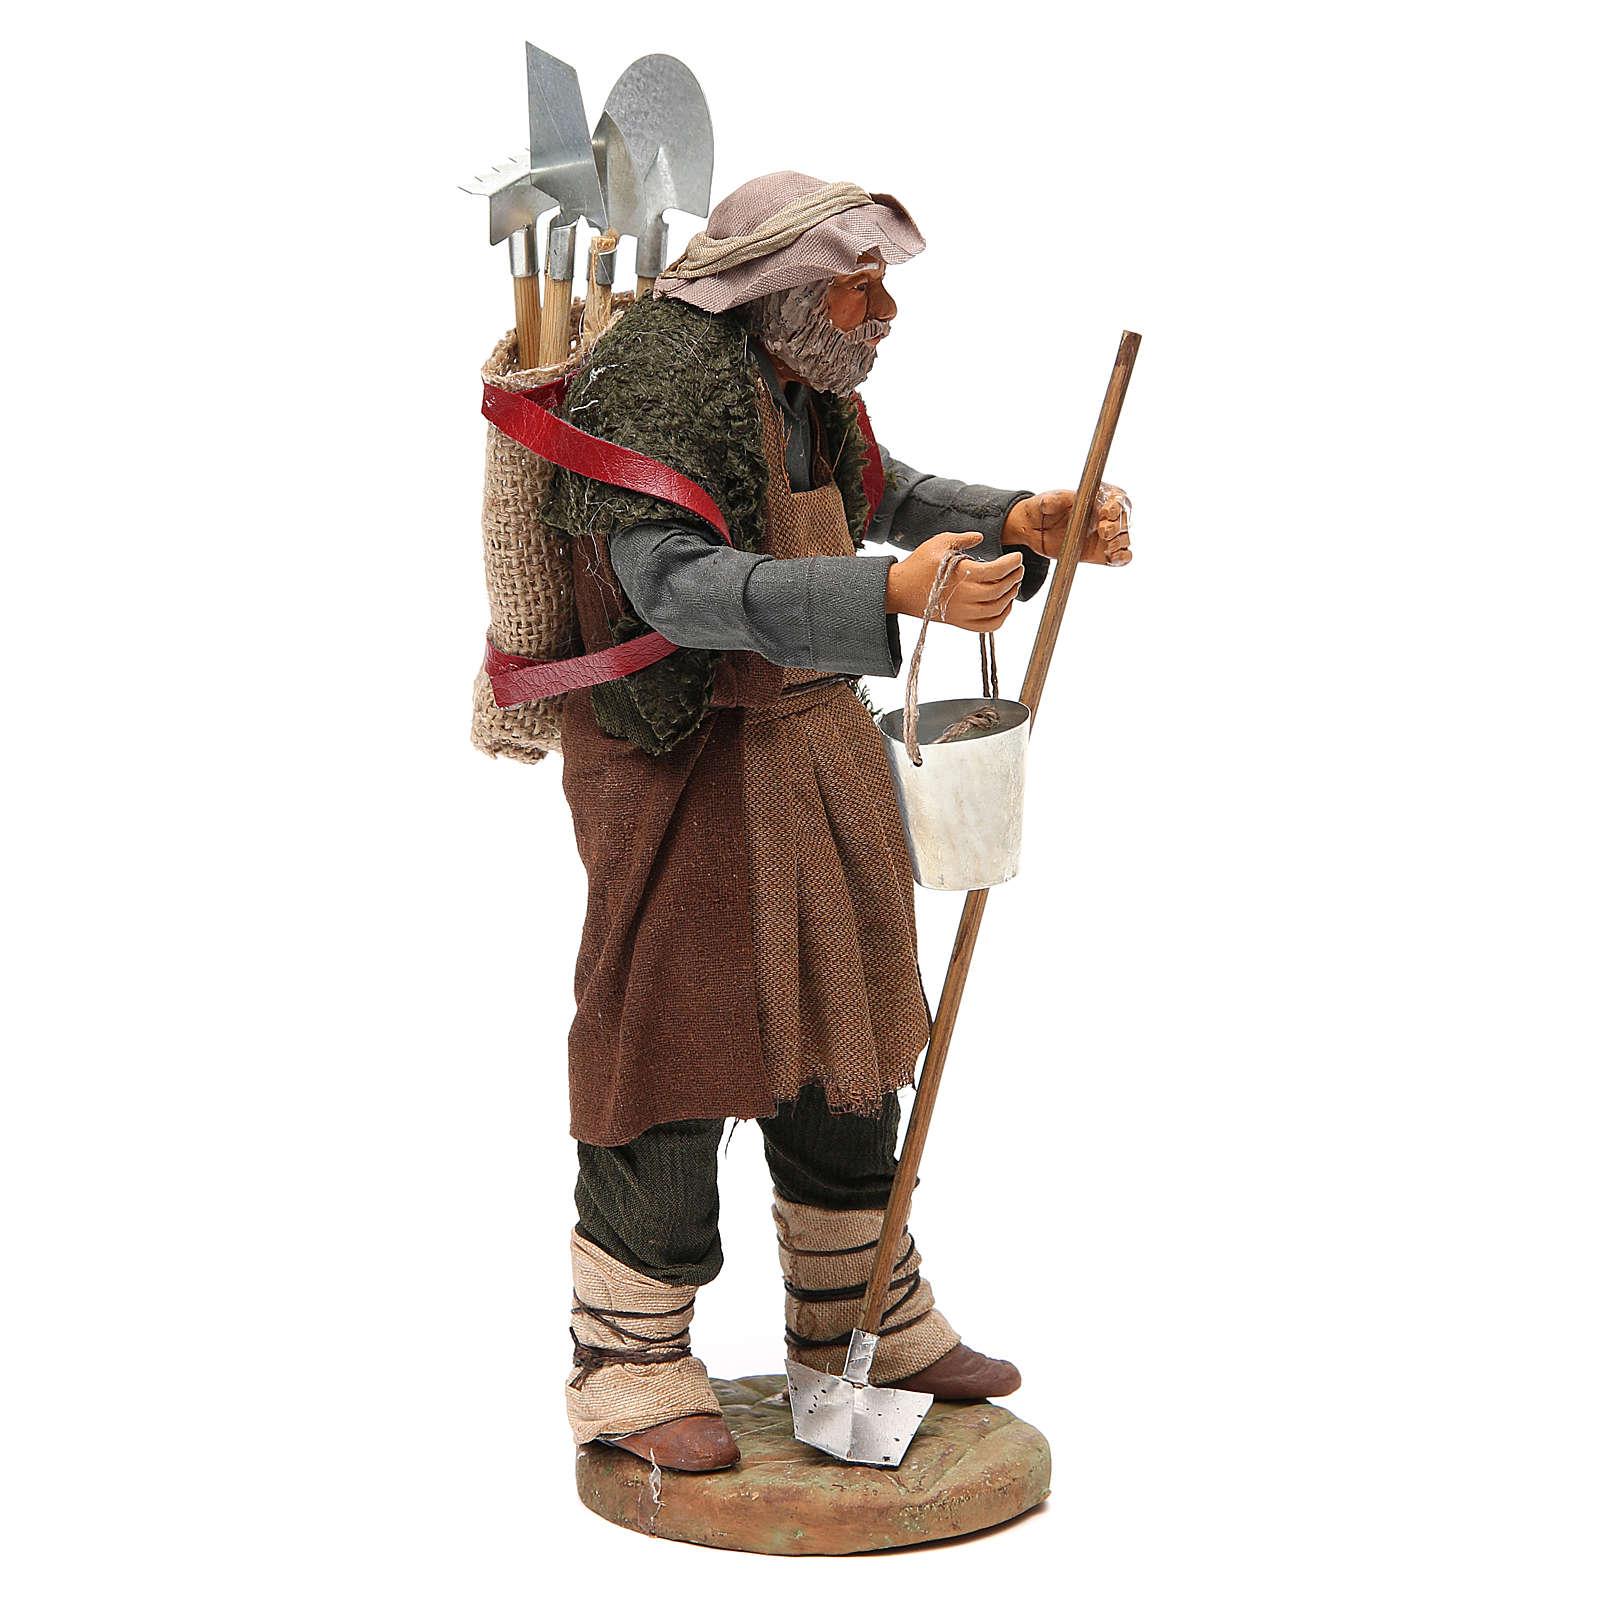 Hombre con herramientas agrícolas 24 cm belén napolitano 4